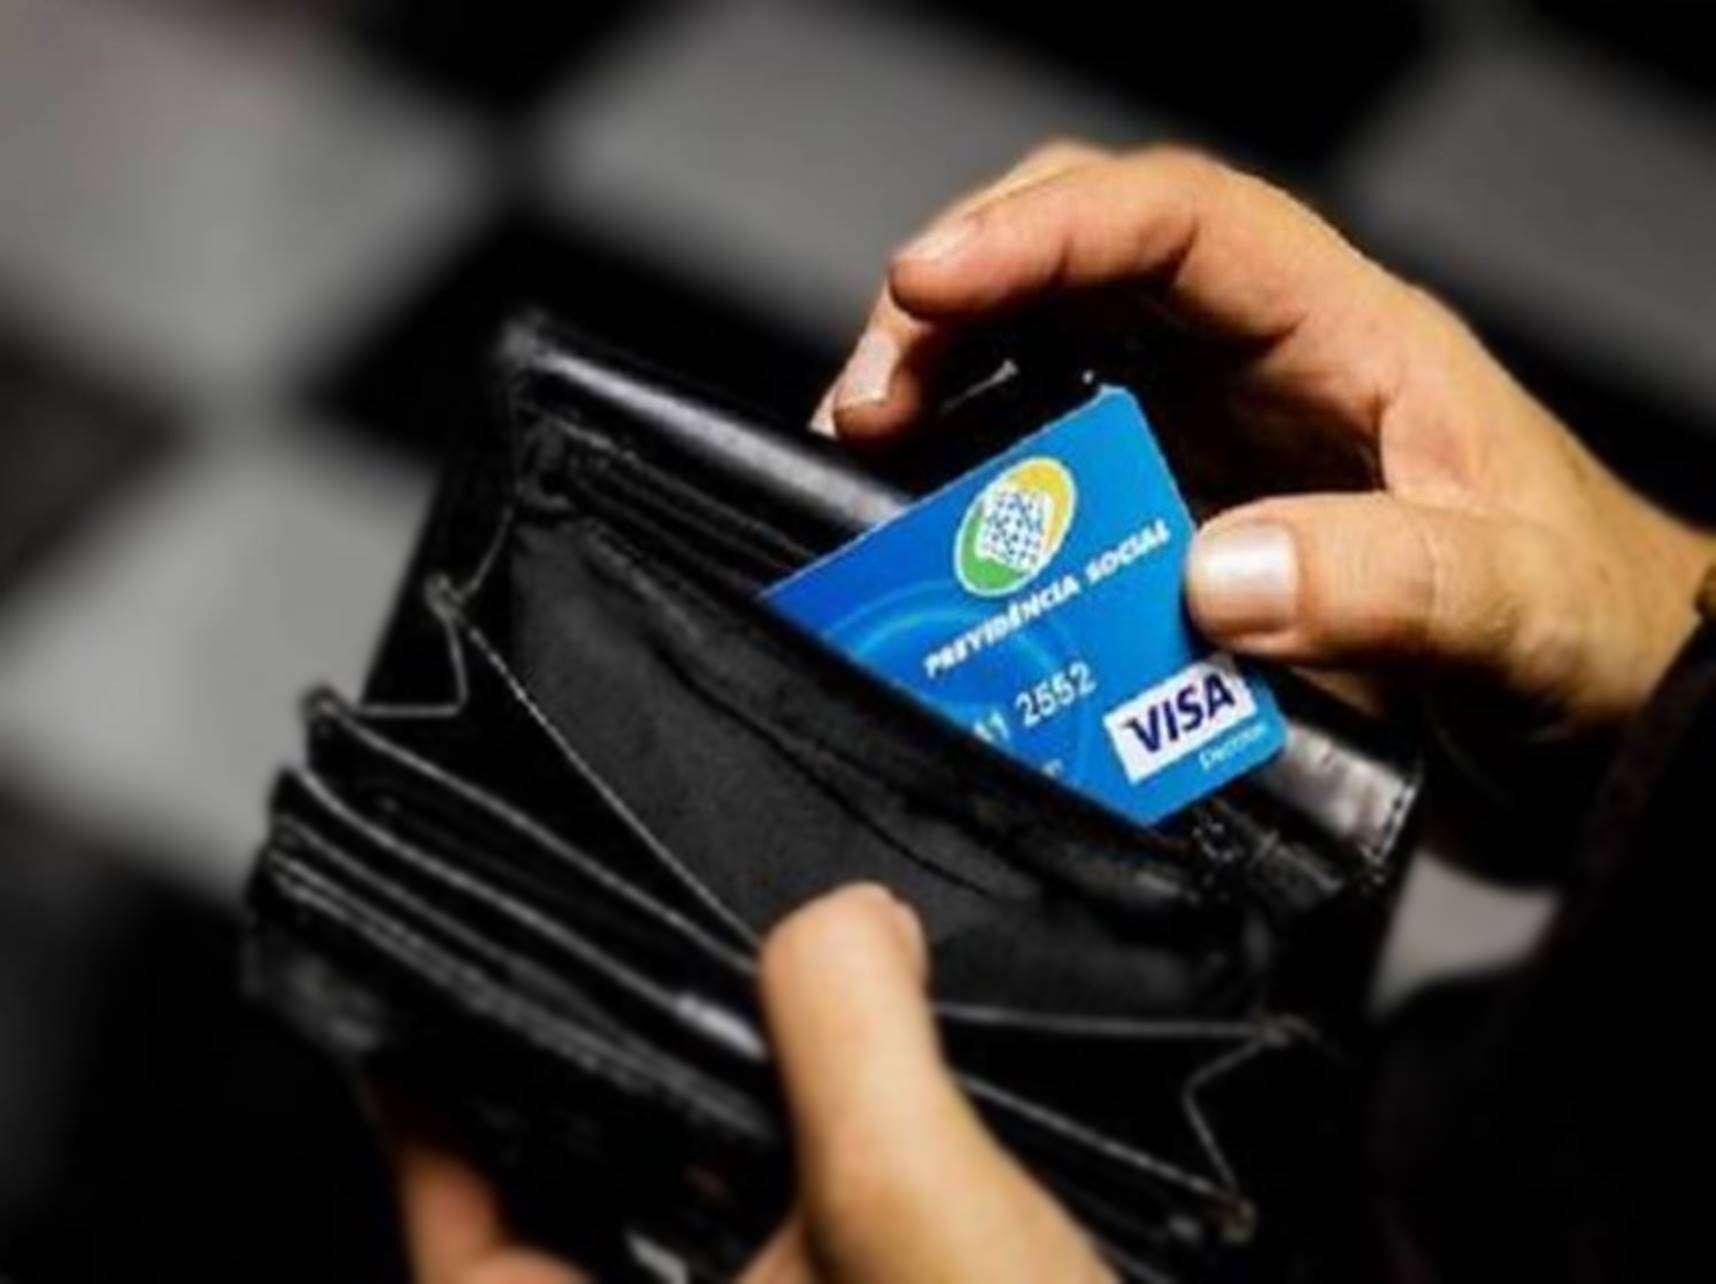 Suspensão de cobrança de empréstimos a aposentados do INSS será votado nesta quinta